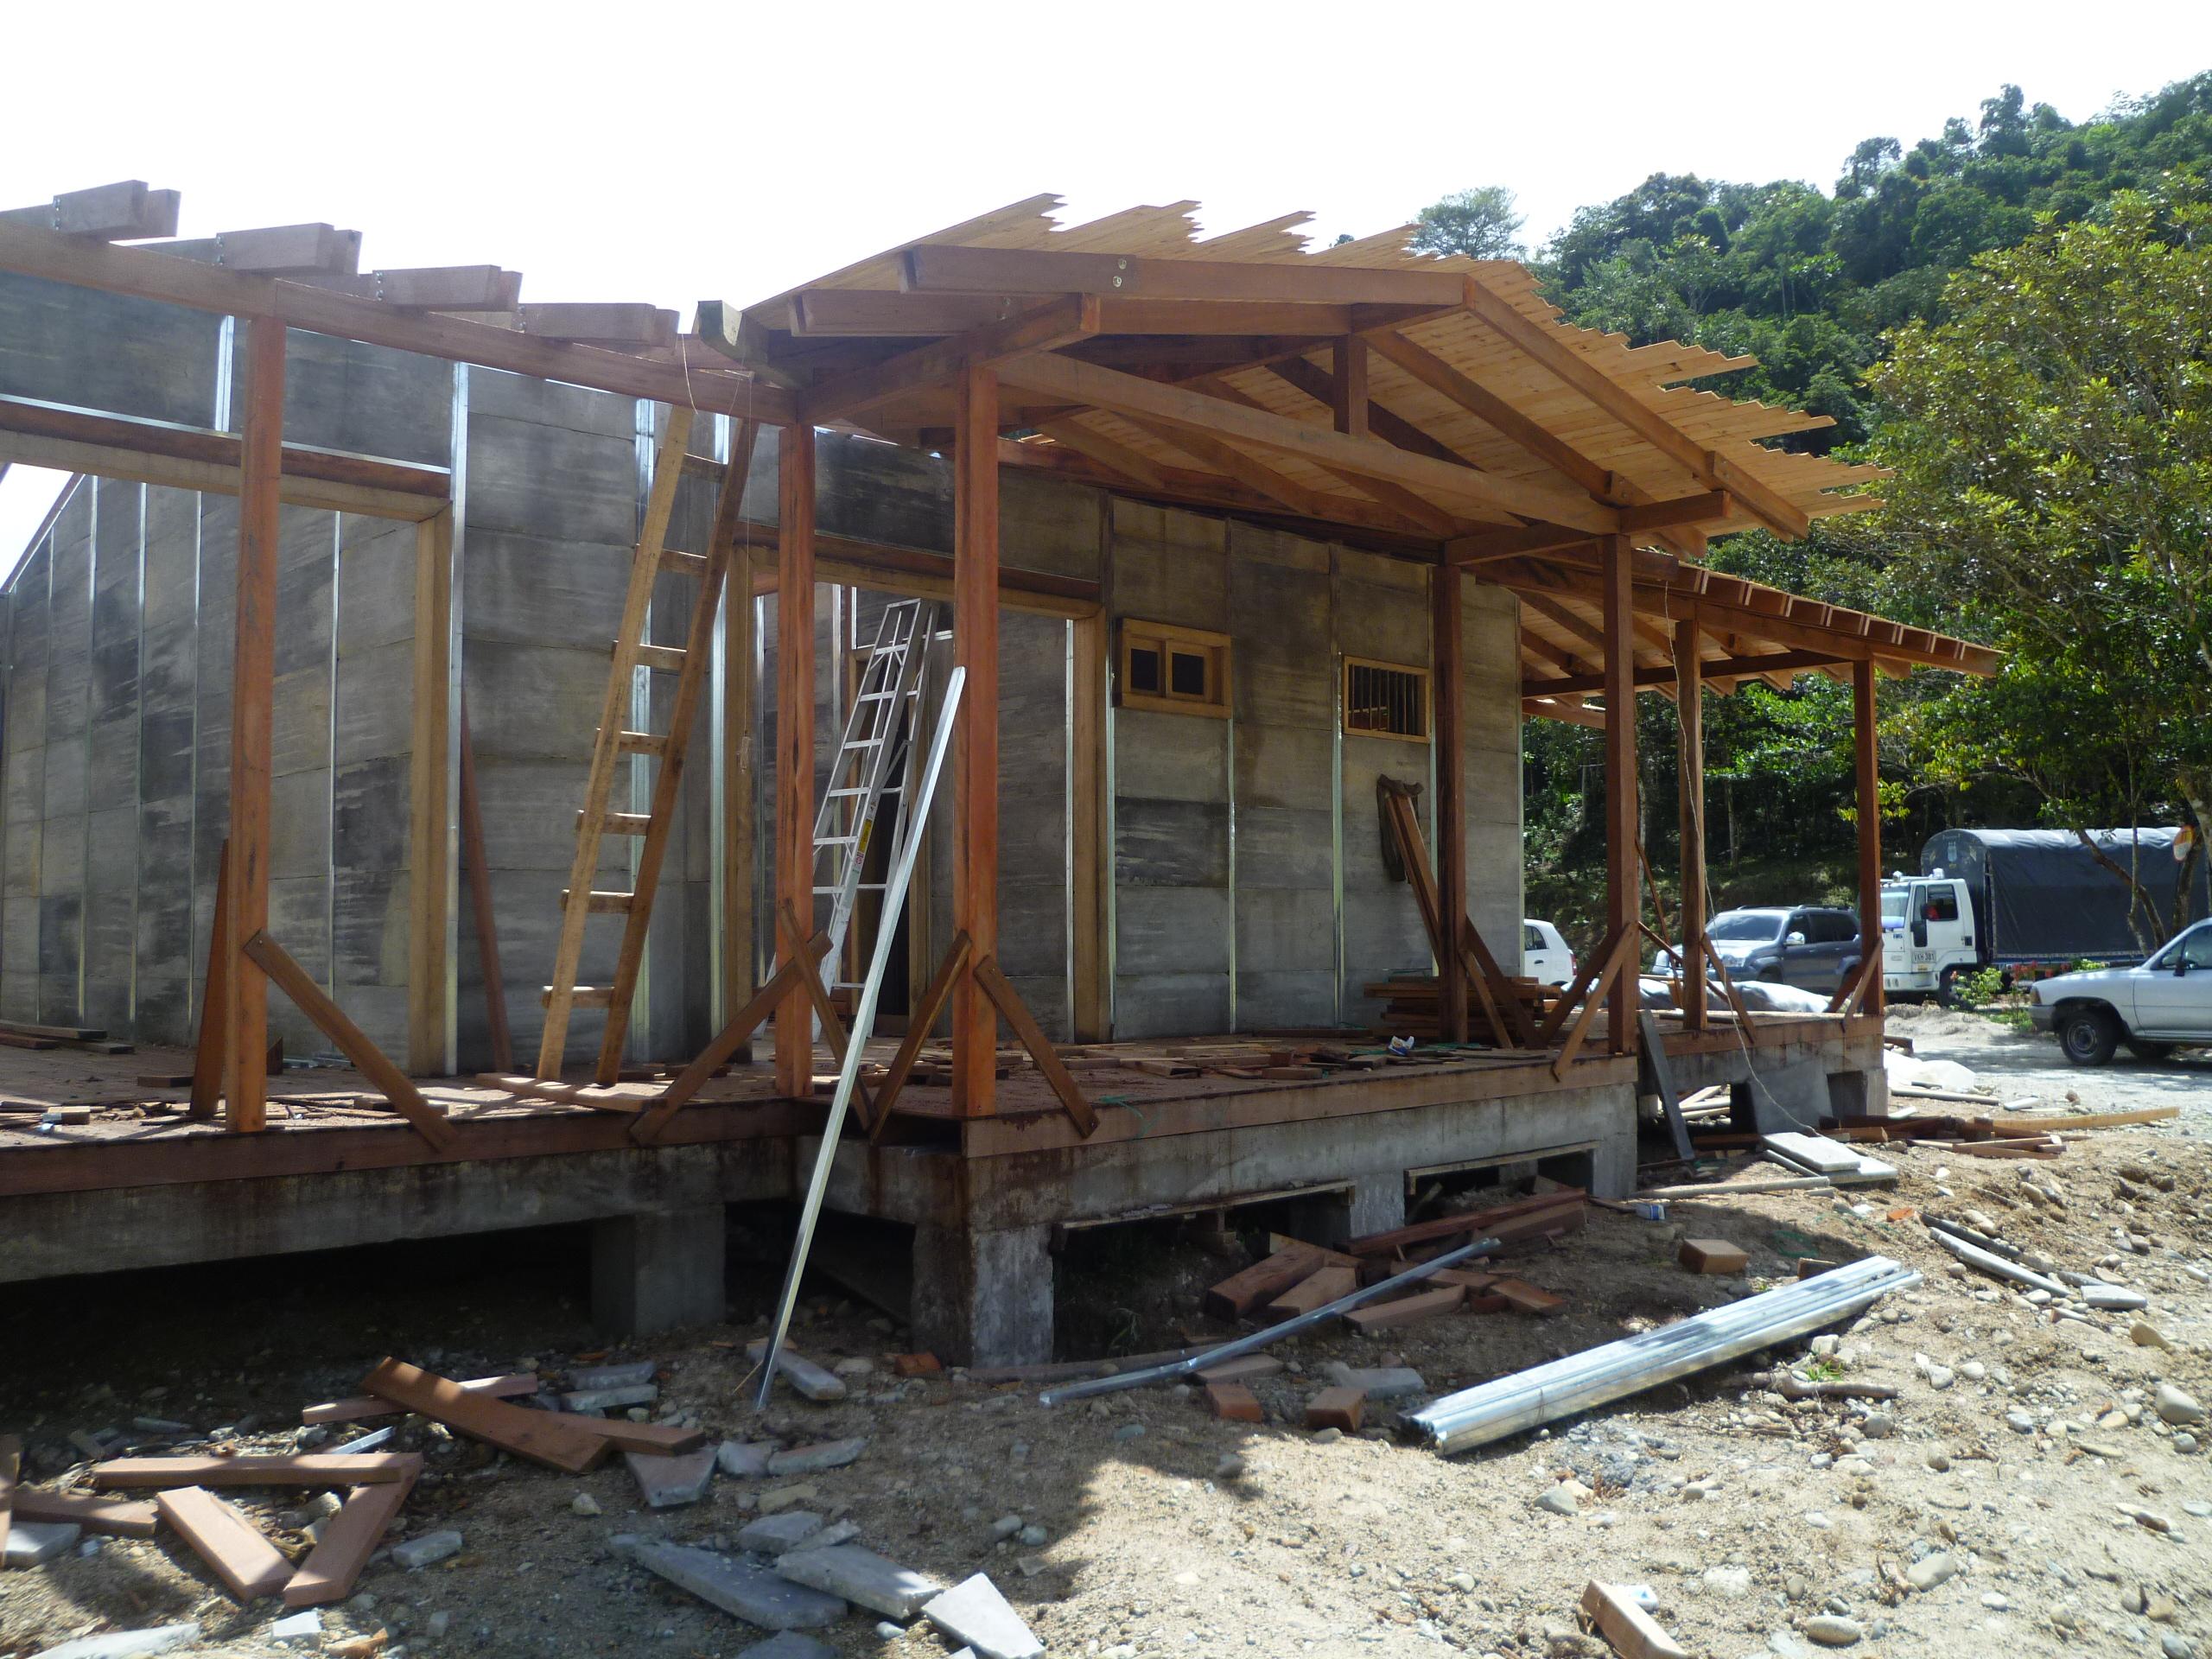 Construcci n de techo y kiosco casa prefabricada 1235 mts2 - Construccion de casa prefabricadas ...